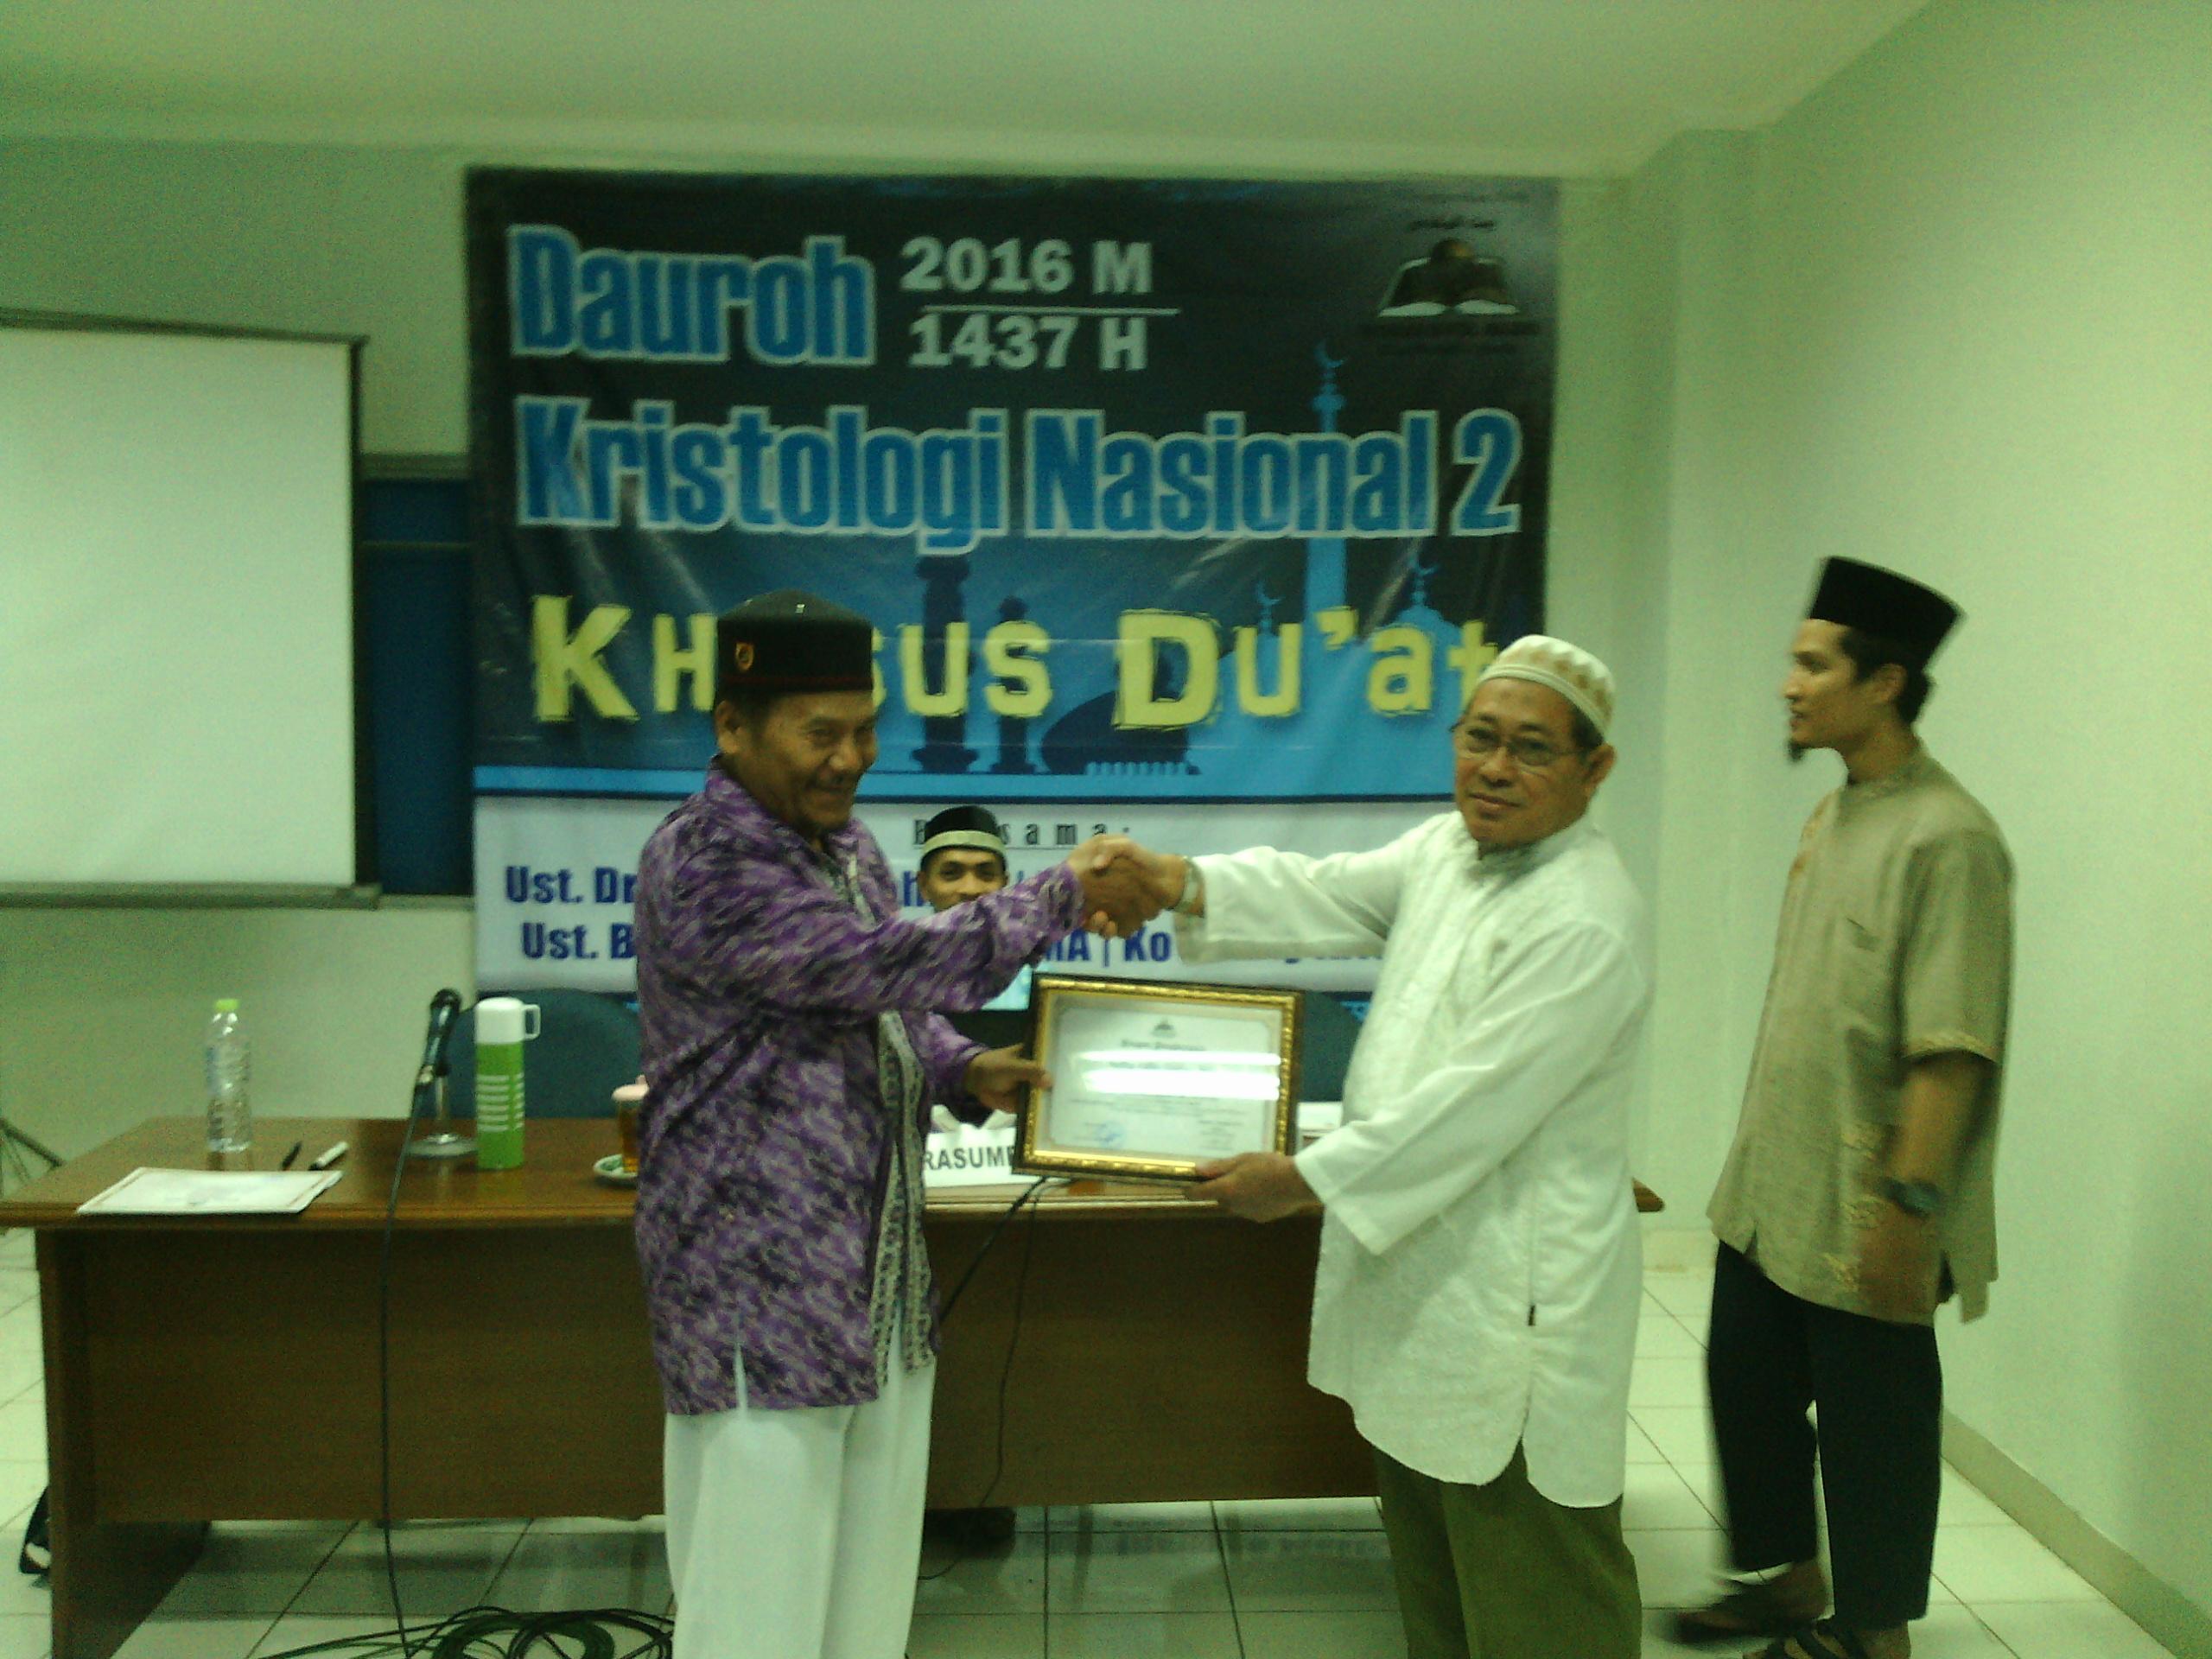 Ust.Drs.Wijaya Rahmat selaku pembina YBM menyerahkan cinderamata kepada Ust.Burahanudin Siagian sebagai pemateri.